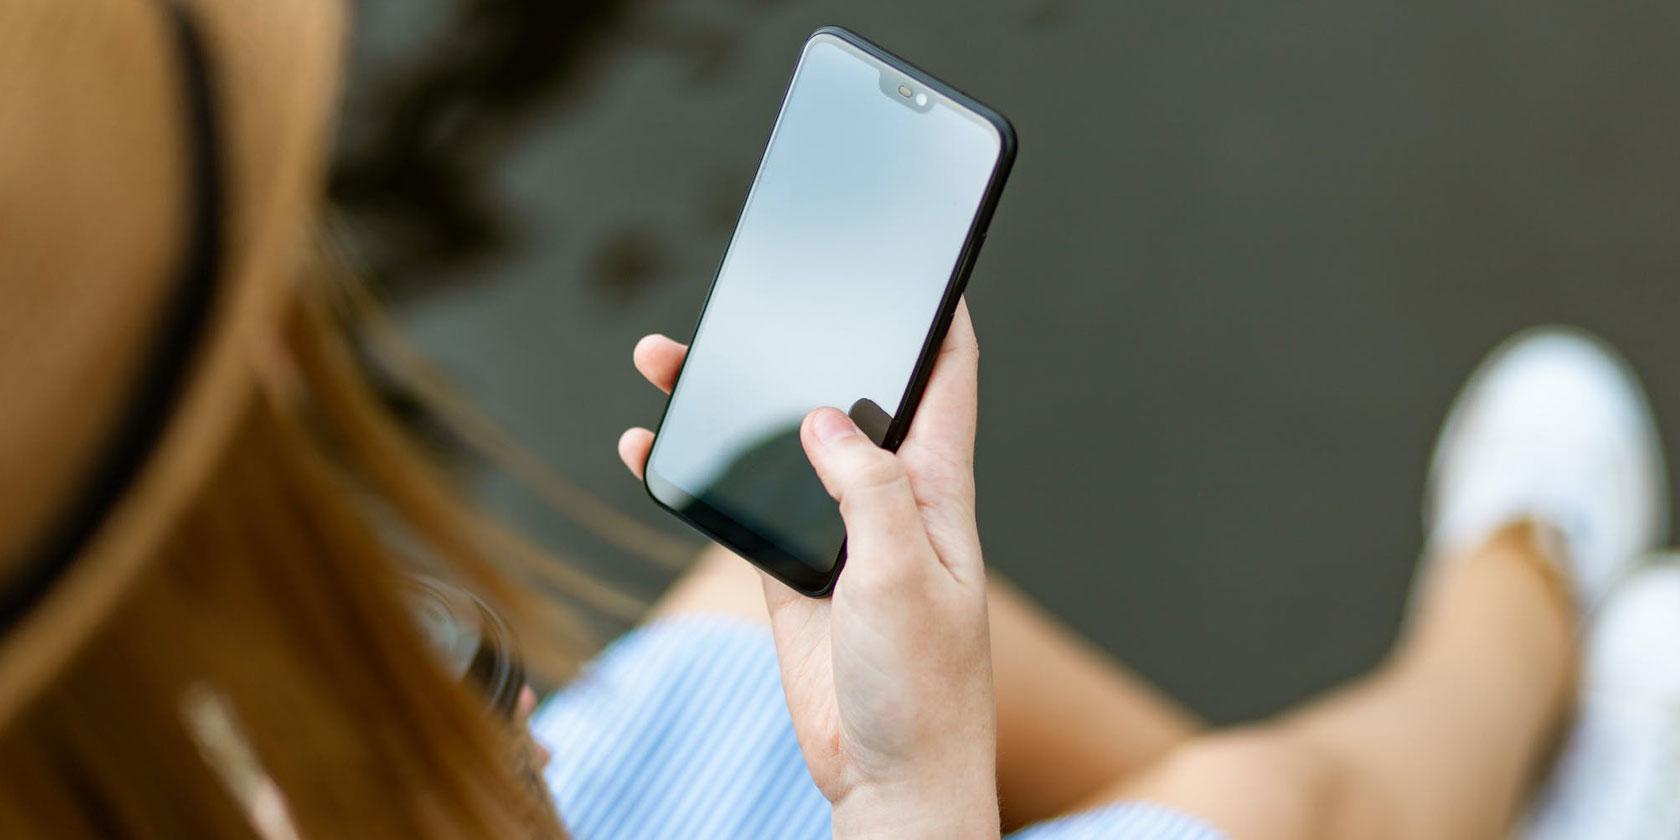 Mách bạn cách sử dụng Smart Lock mở khoá điện thoại Android bằng… Wi-Fi